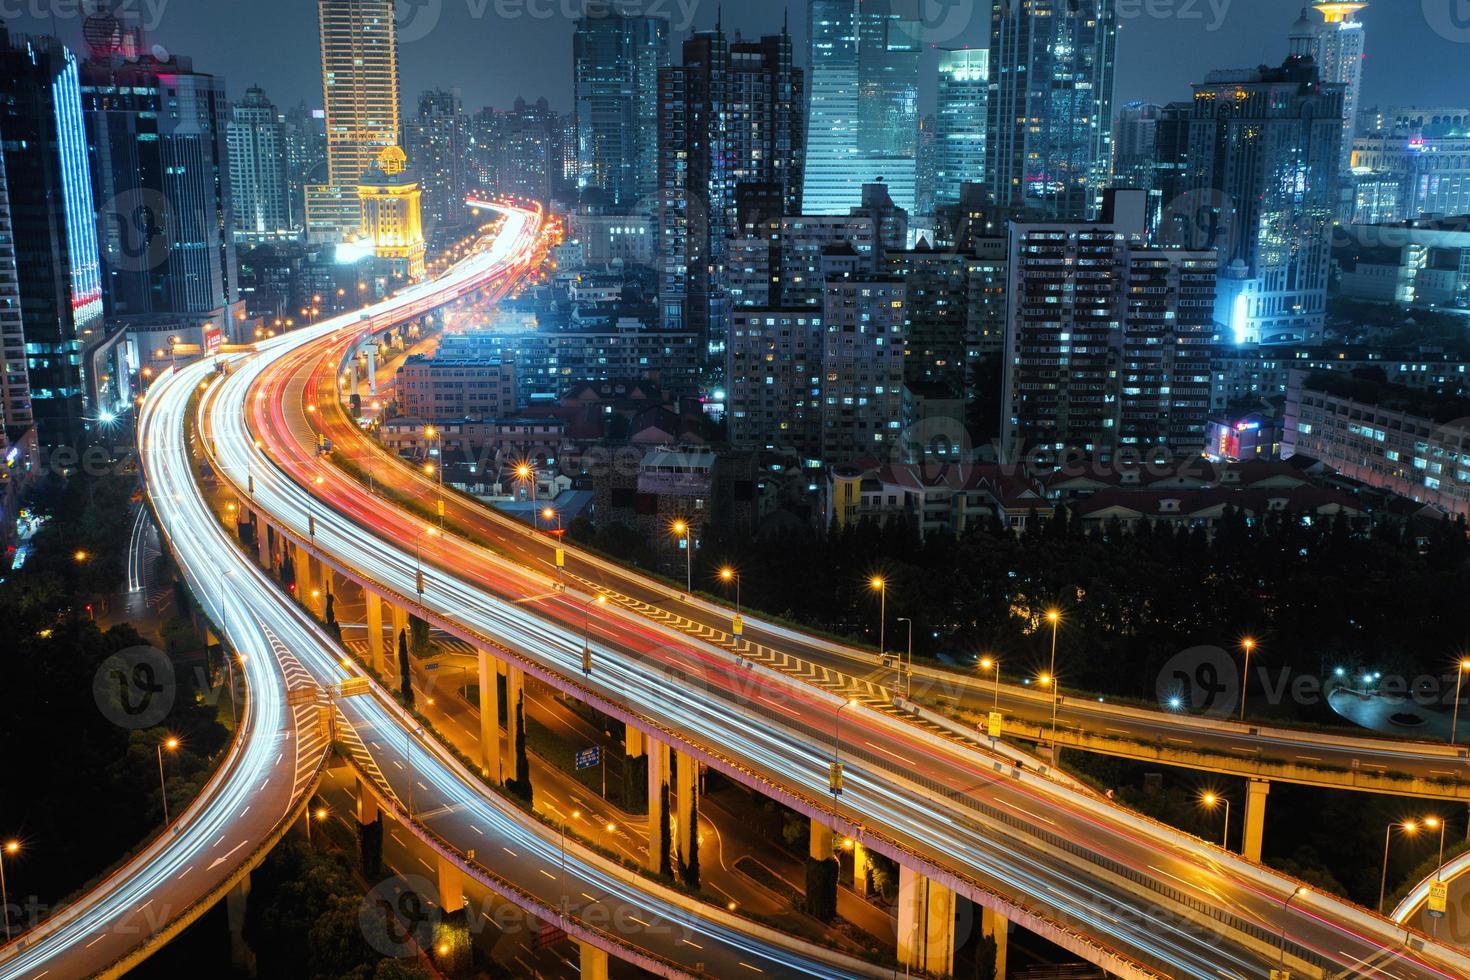 strada moderna del traffico cittadino di notte. nodo di trasporto. foto